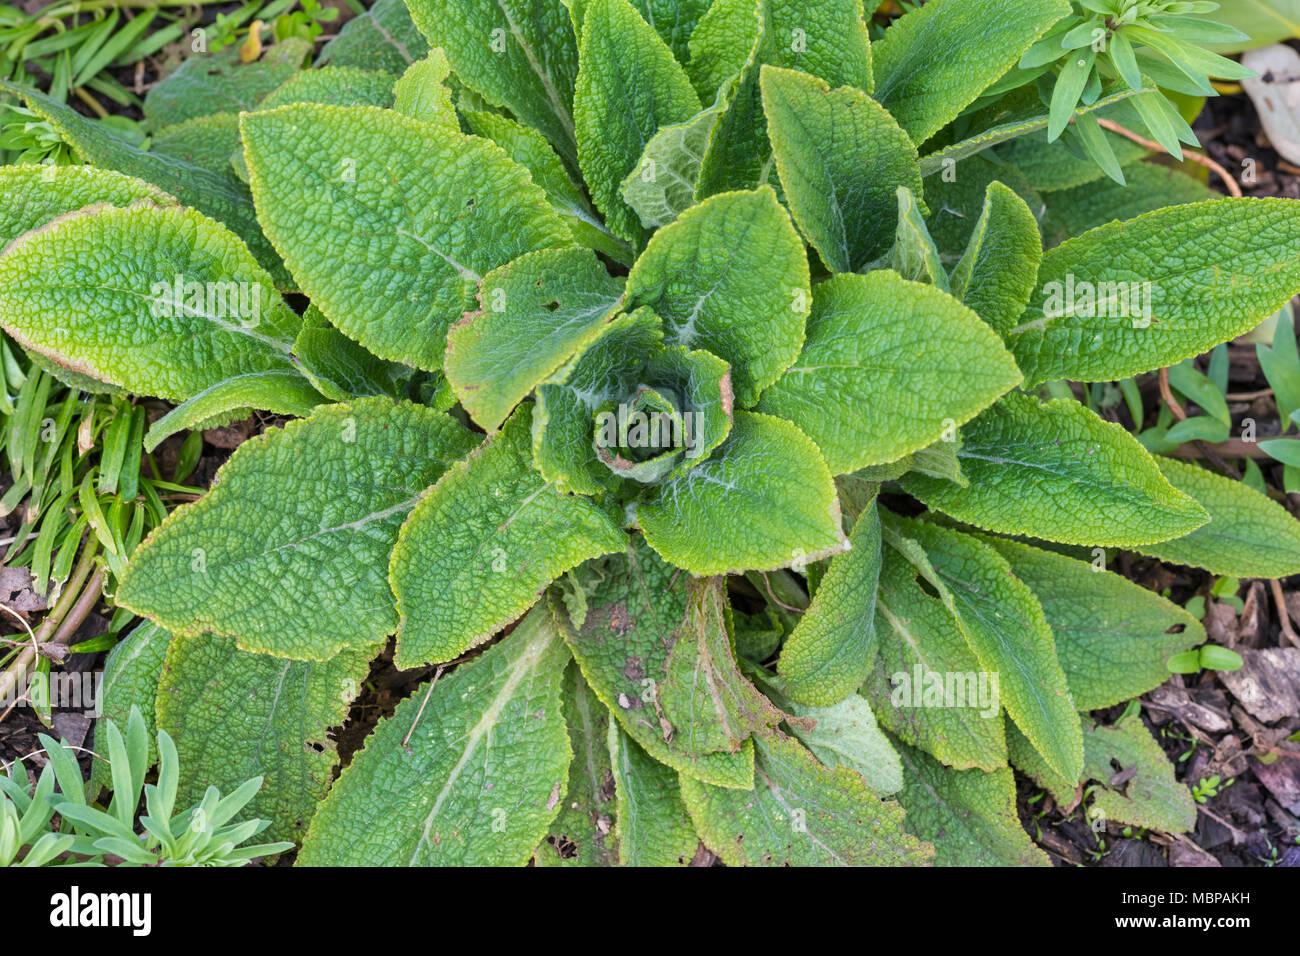 Vue d'en haut des feuilles de la digitale pourpre (Digitalis purpurea), qui sont utilisés pour rendre le médicament cardiaque digitaliques. Au printemps, en pleine croissance au Royaume-Uni. Photo Stock